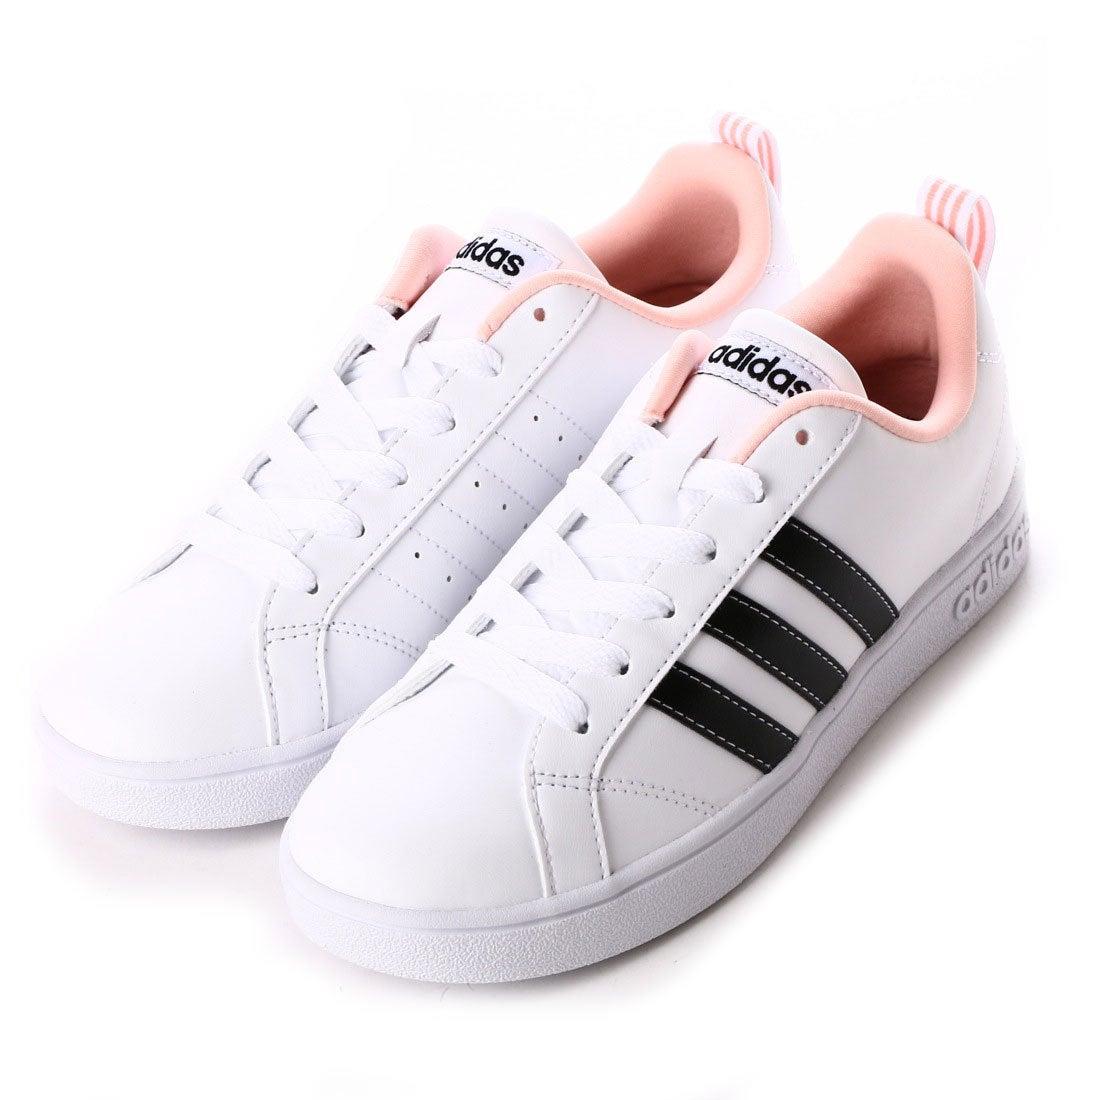 adidas スニーカー valstripes2 sl